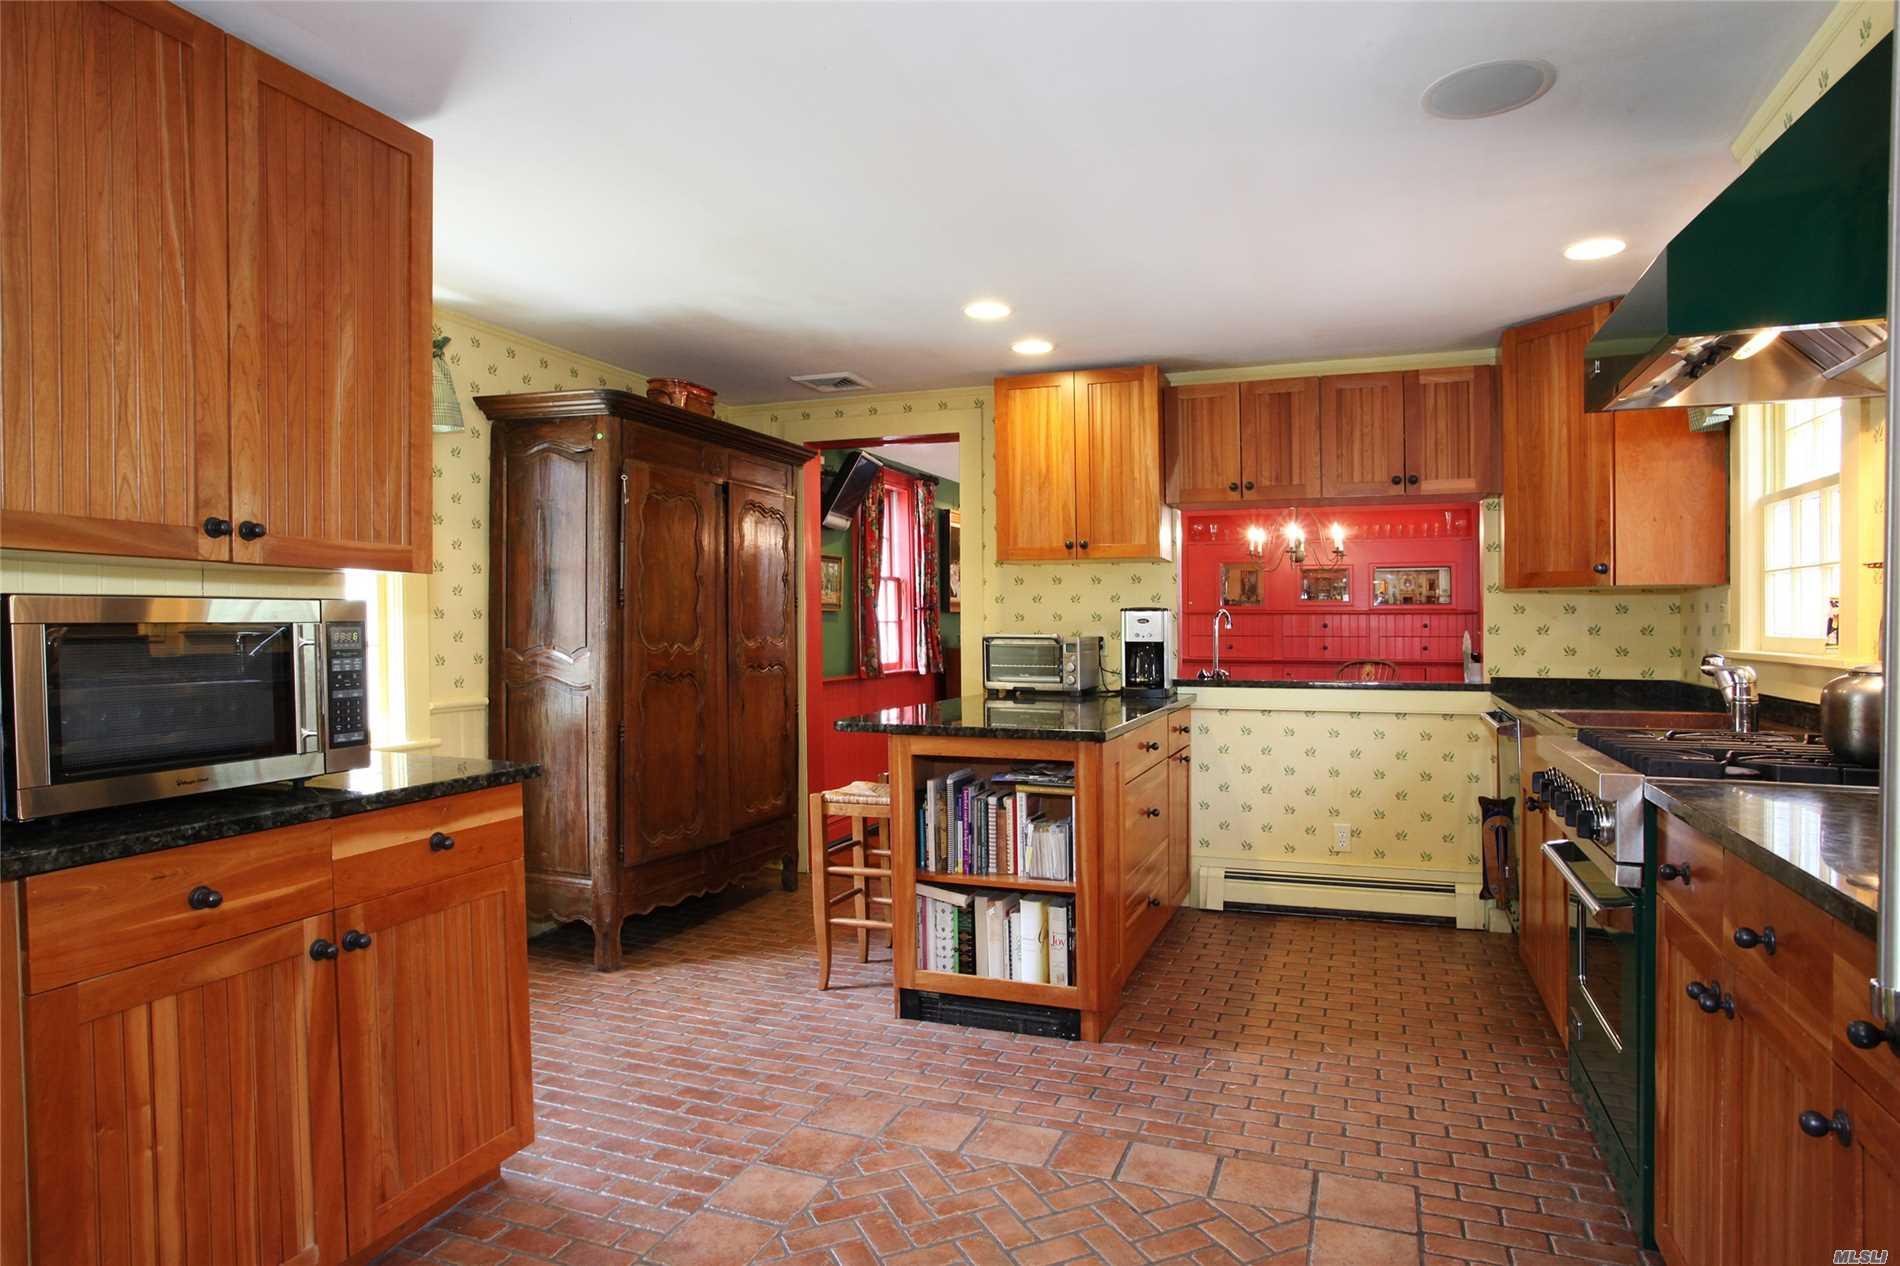 115 Montauk Hwy Quogue, NY 11959